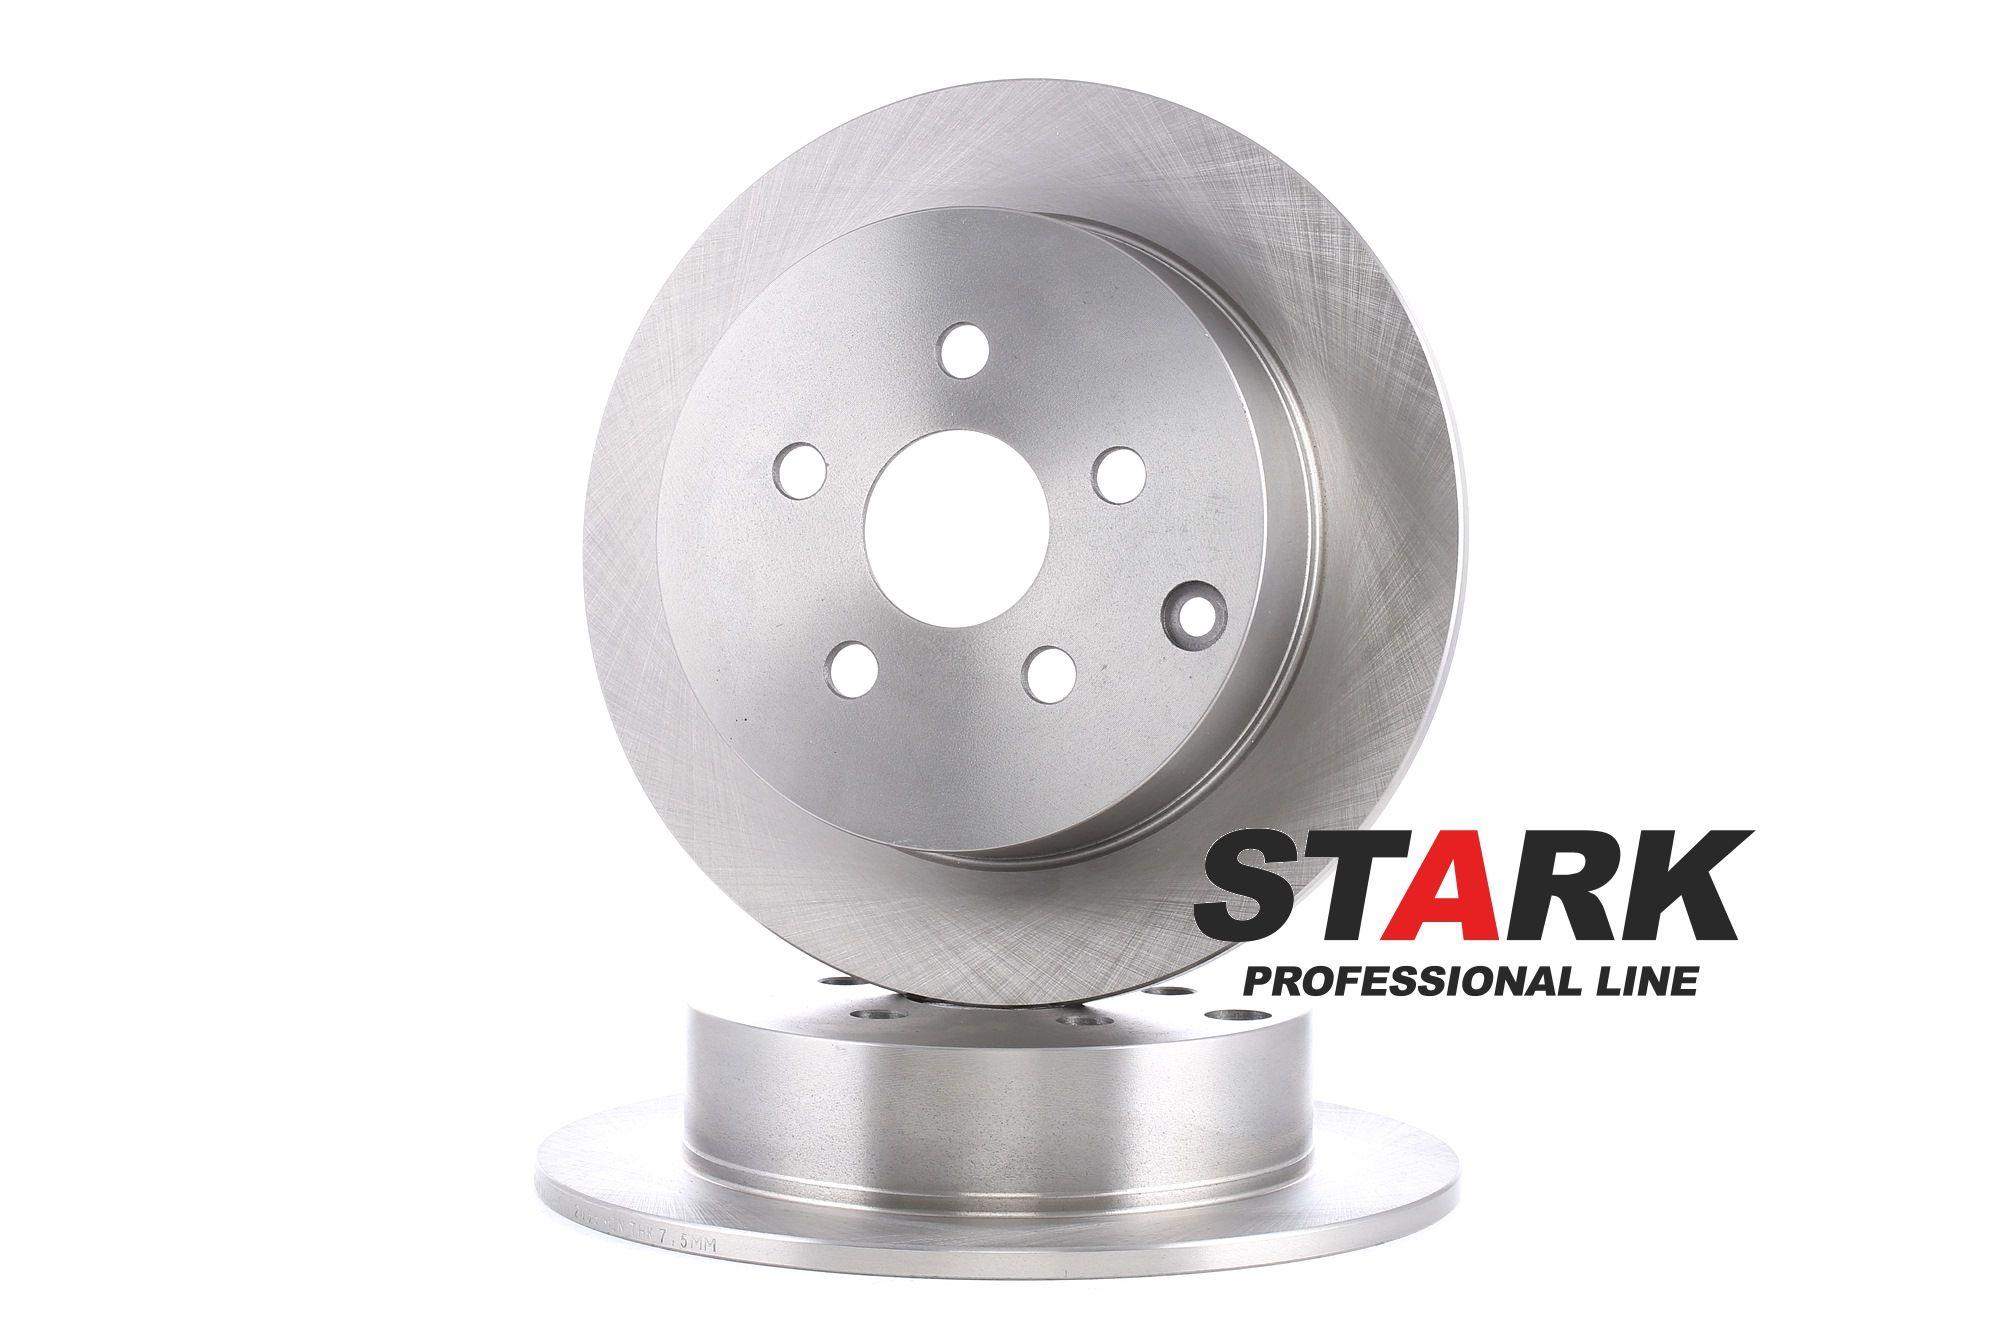 Bremsscheibe Toyota Celica T23 hinten und vorne 2000 - STARK SKBD-0022055 (Ø: 269,0mm, Felge: 5-loch, Bremsscheibendicke: 9mm)